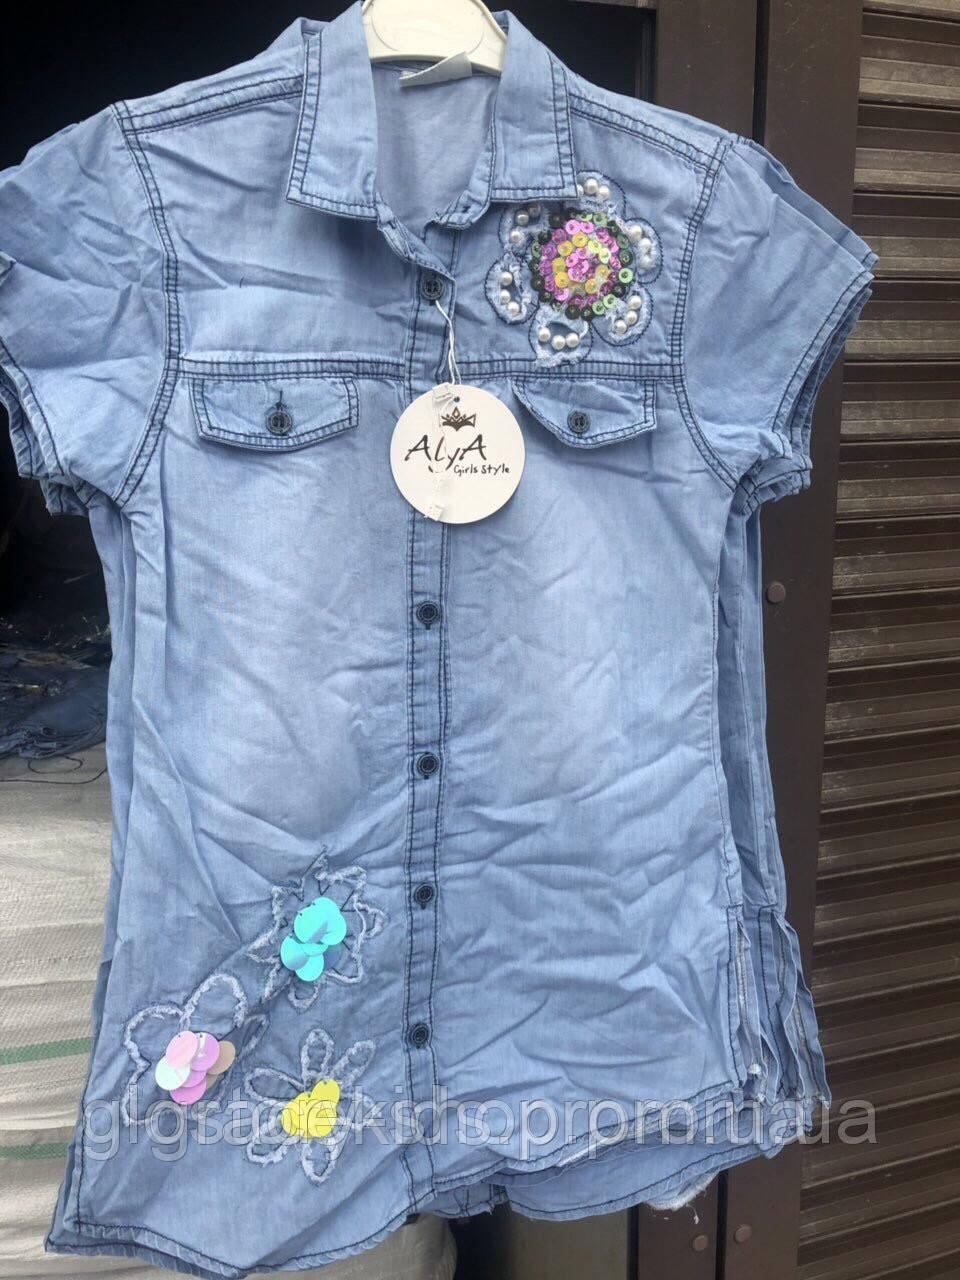 Джинсовая рубашка для девочек Alya,разм 128-152 см